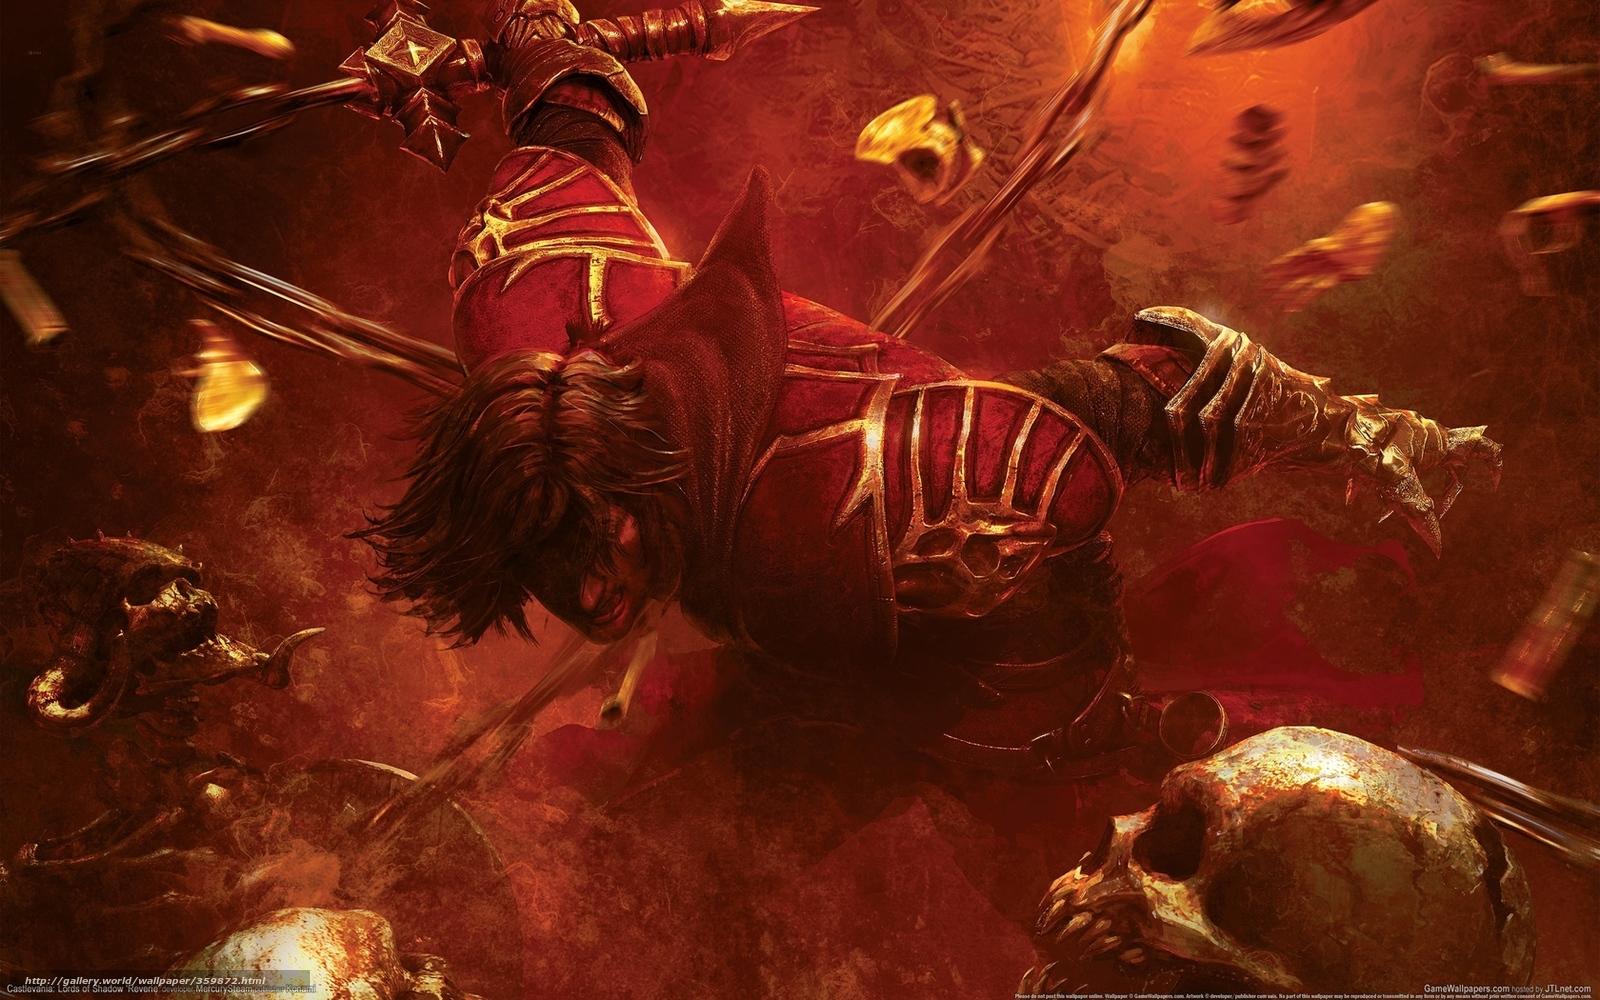 La destruction de Dark Warlord (faro et gaius)  359872_poveliteli-teni_gabriyel-belmont_oxotnik-na_1680x1050_%28www.GdeFon.ru%29